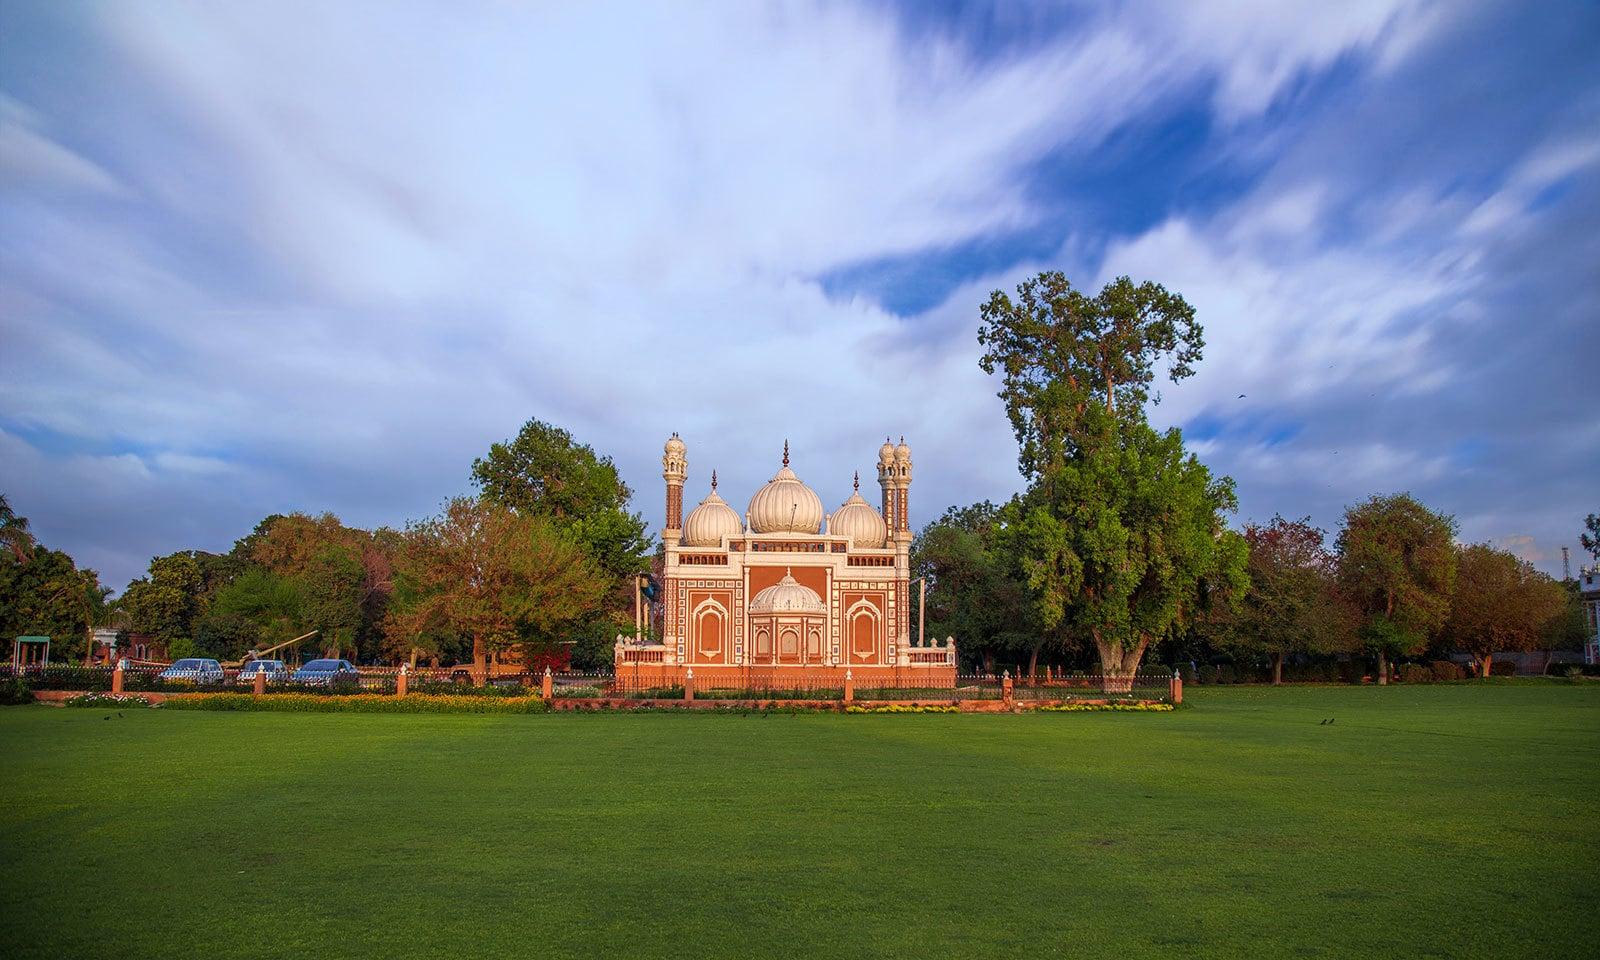 شاہی مسجد، دربار محل، بہاولپور — شٹر اسٹاک فوٹو